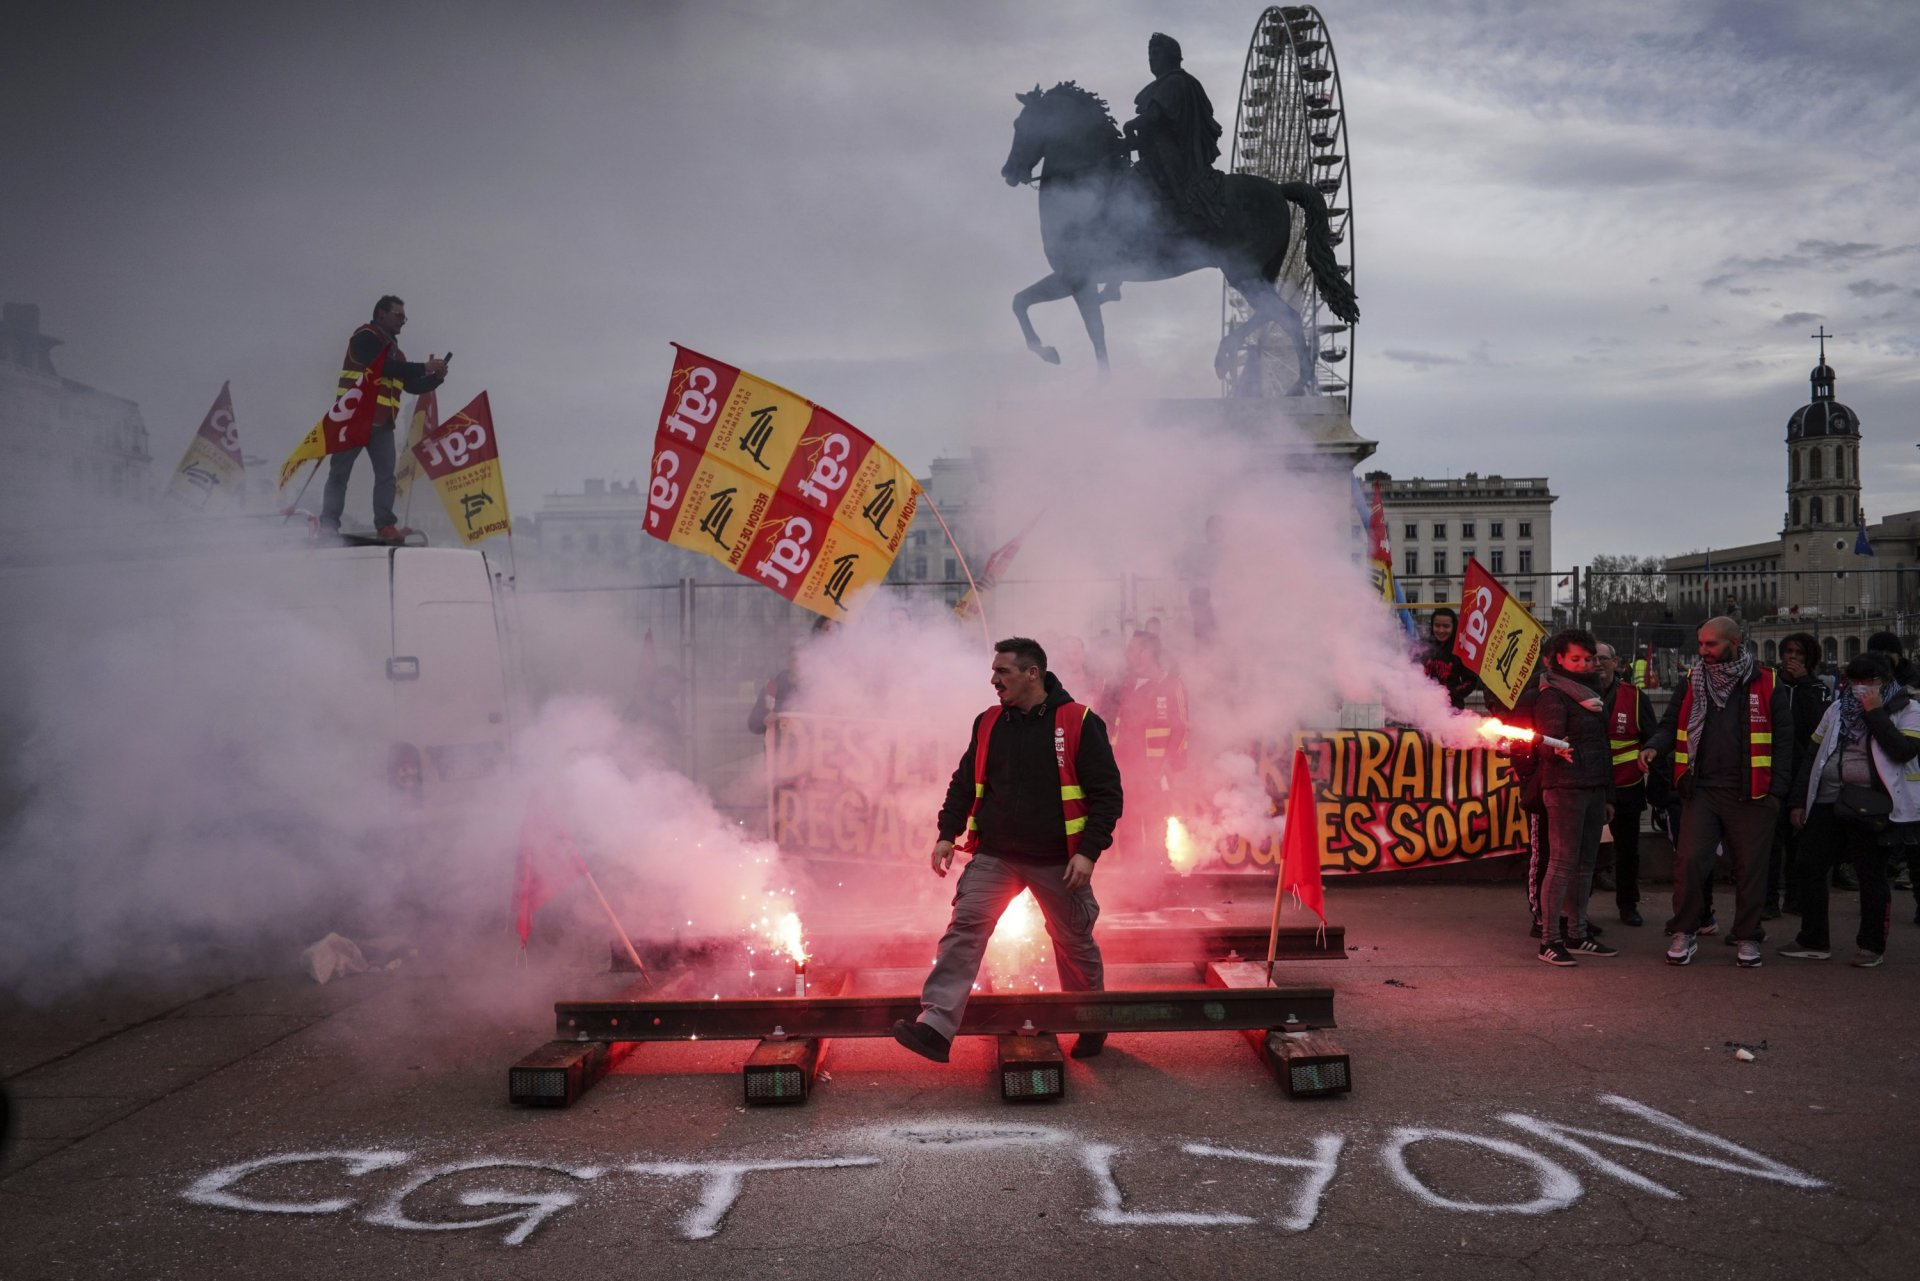 Франц улсад тэтгэврийн системийн өөрчлөлтийг эсэргүүцсэн ажил хаялт 40 дэх өдрөө үргэлжилж байна